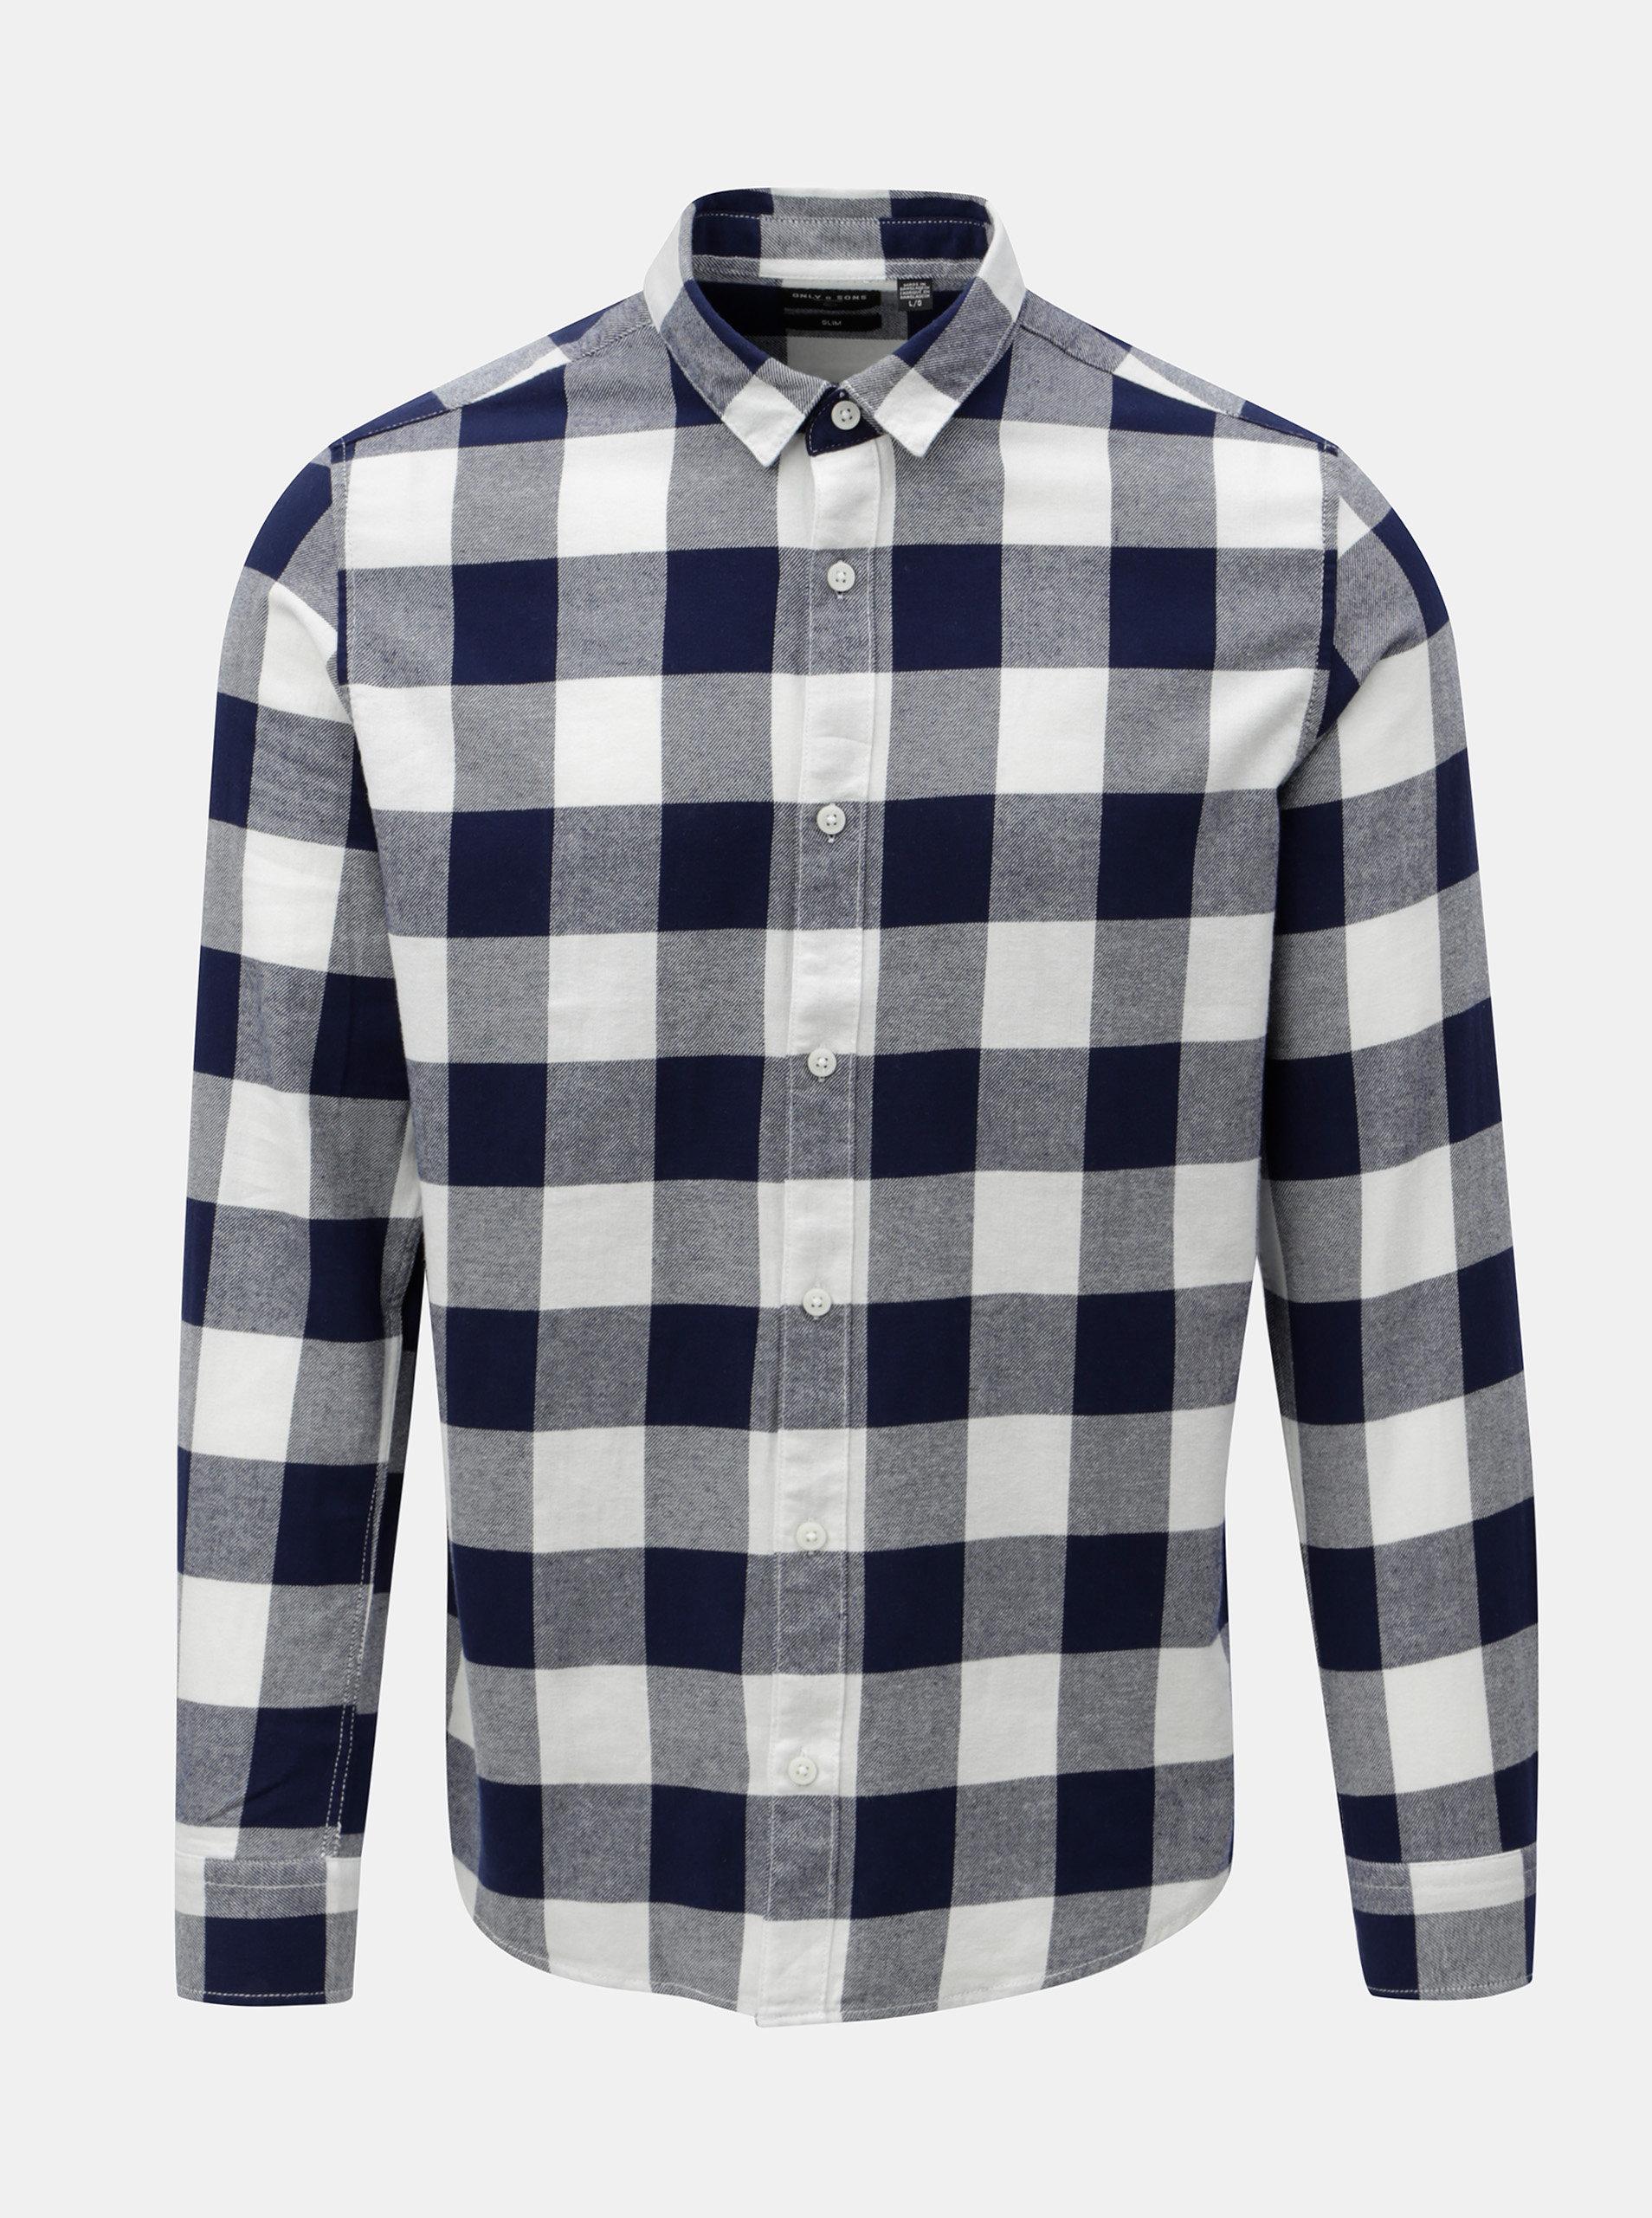 Bílo-modrá kostkovaná slim košile s dlouhým rukávem ONLY   SONS Gudmund 5a673a3177